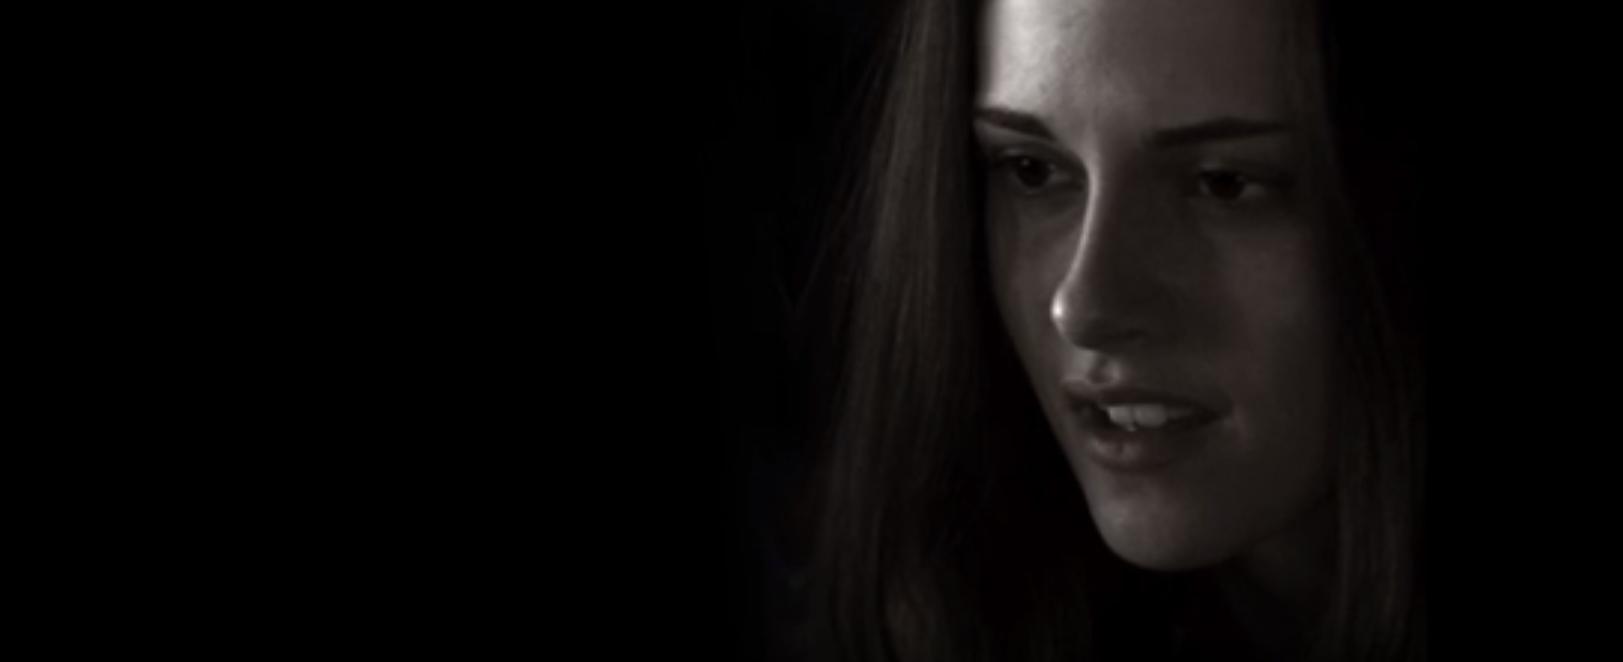 Kristen Stewart as Bella Swan in Twilight